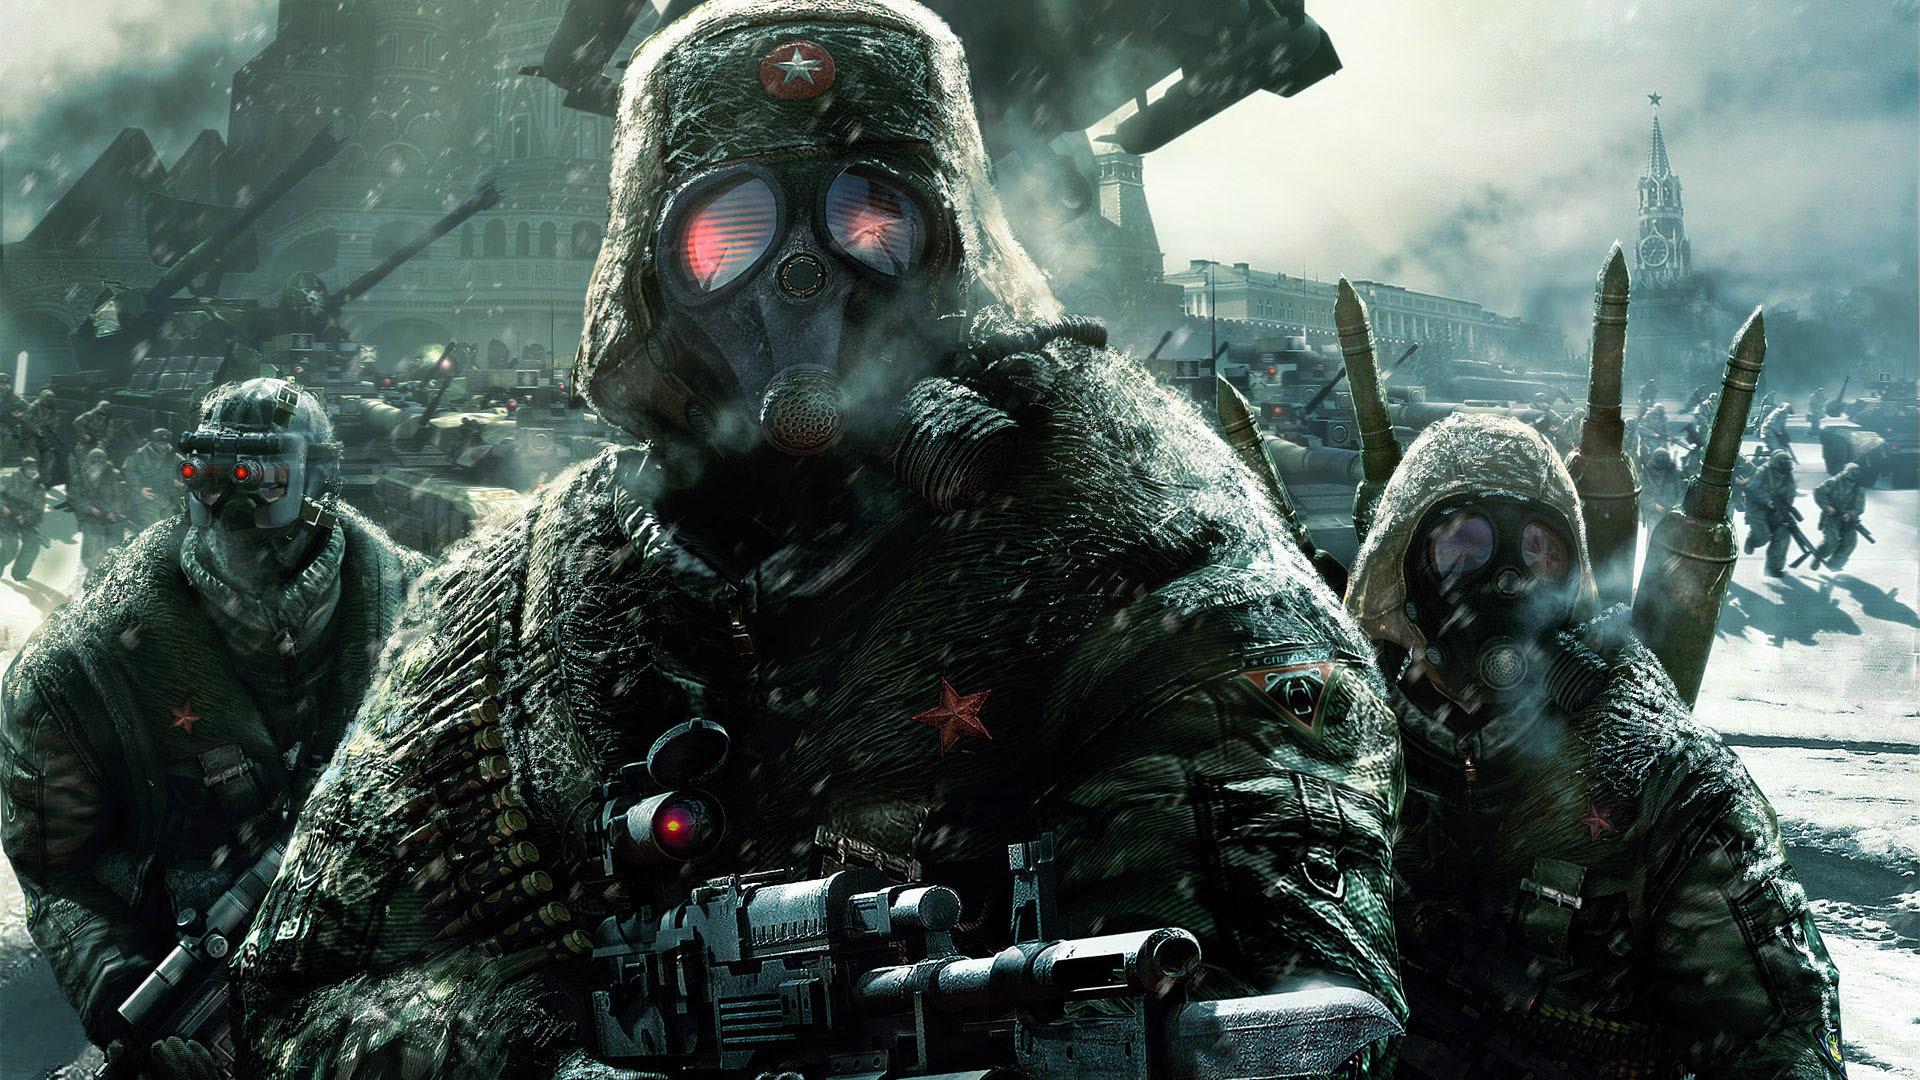 KuBiPeT HQ Backgrounds: Good War Backgrounds, Werner Santo